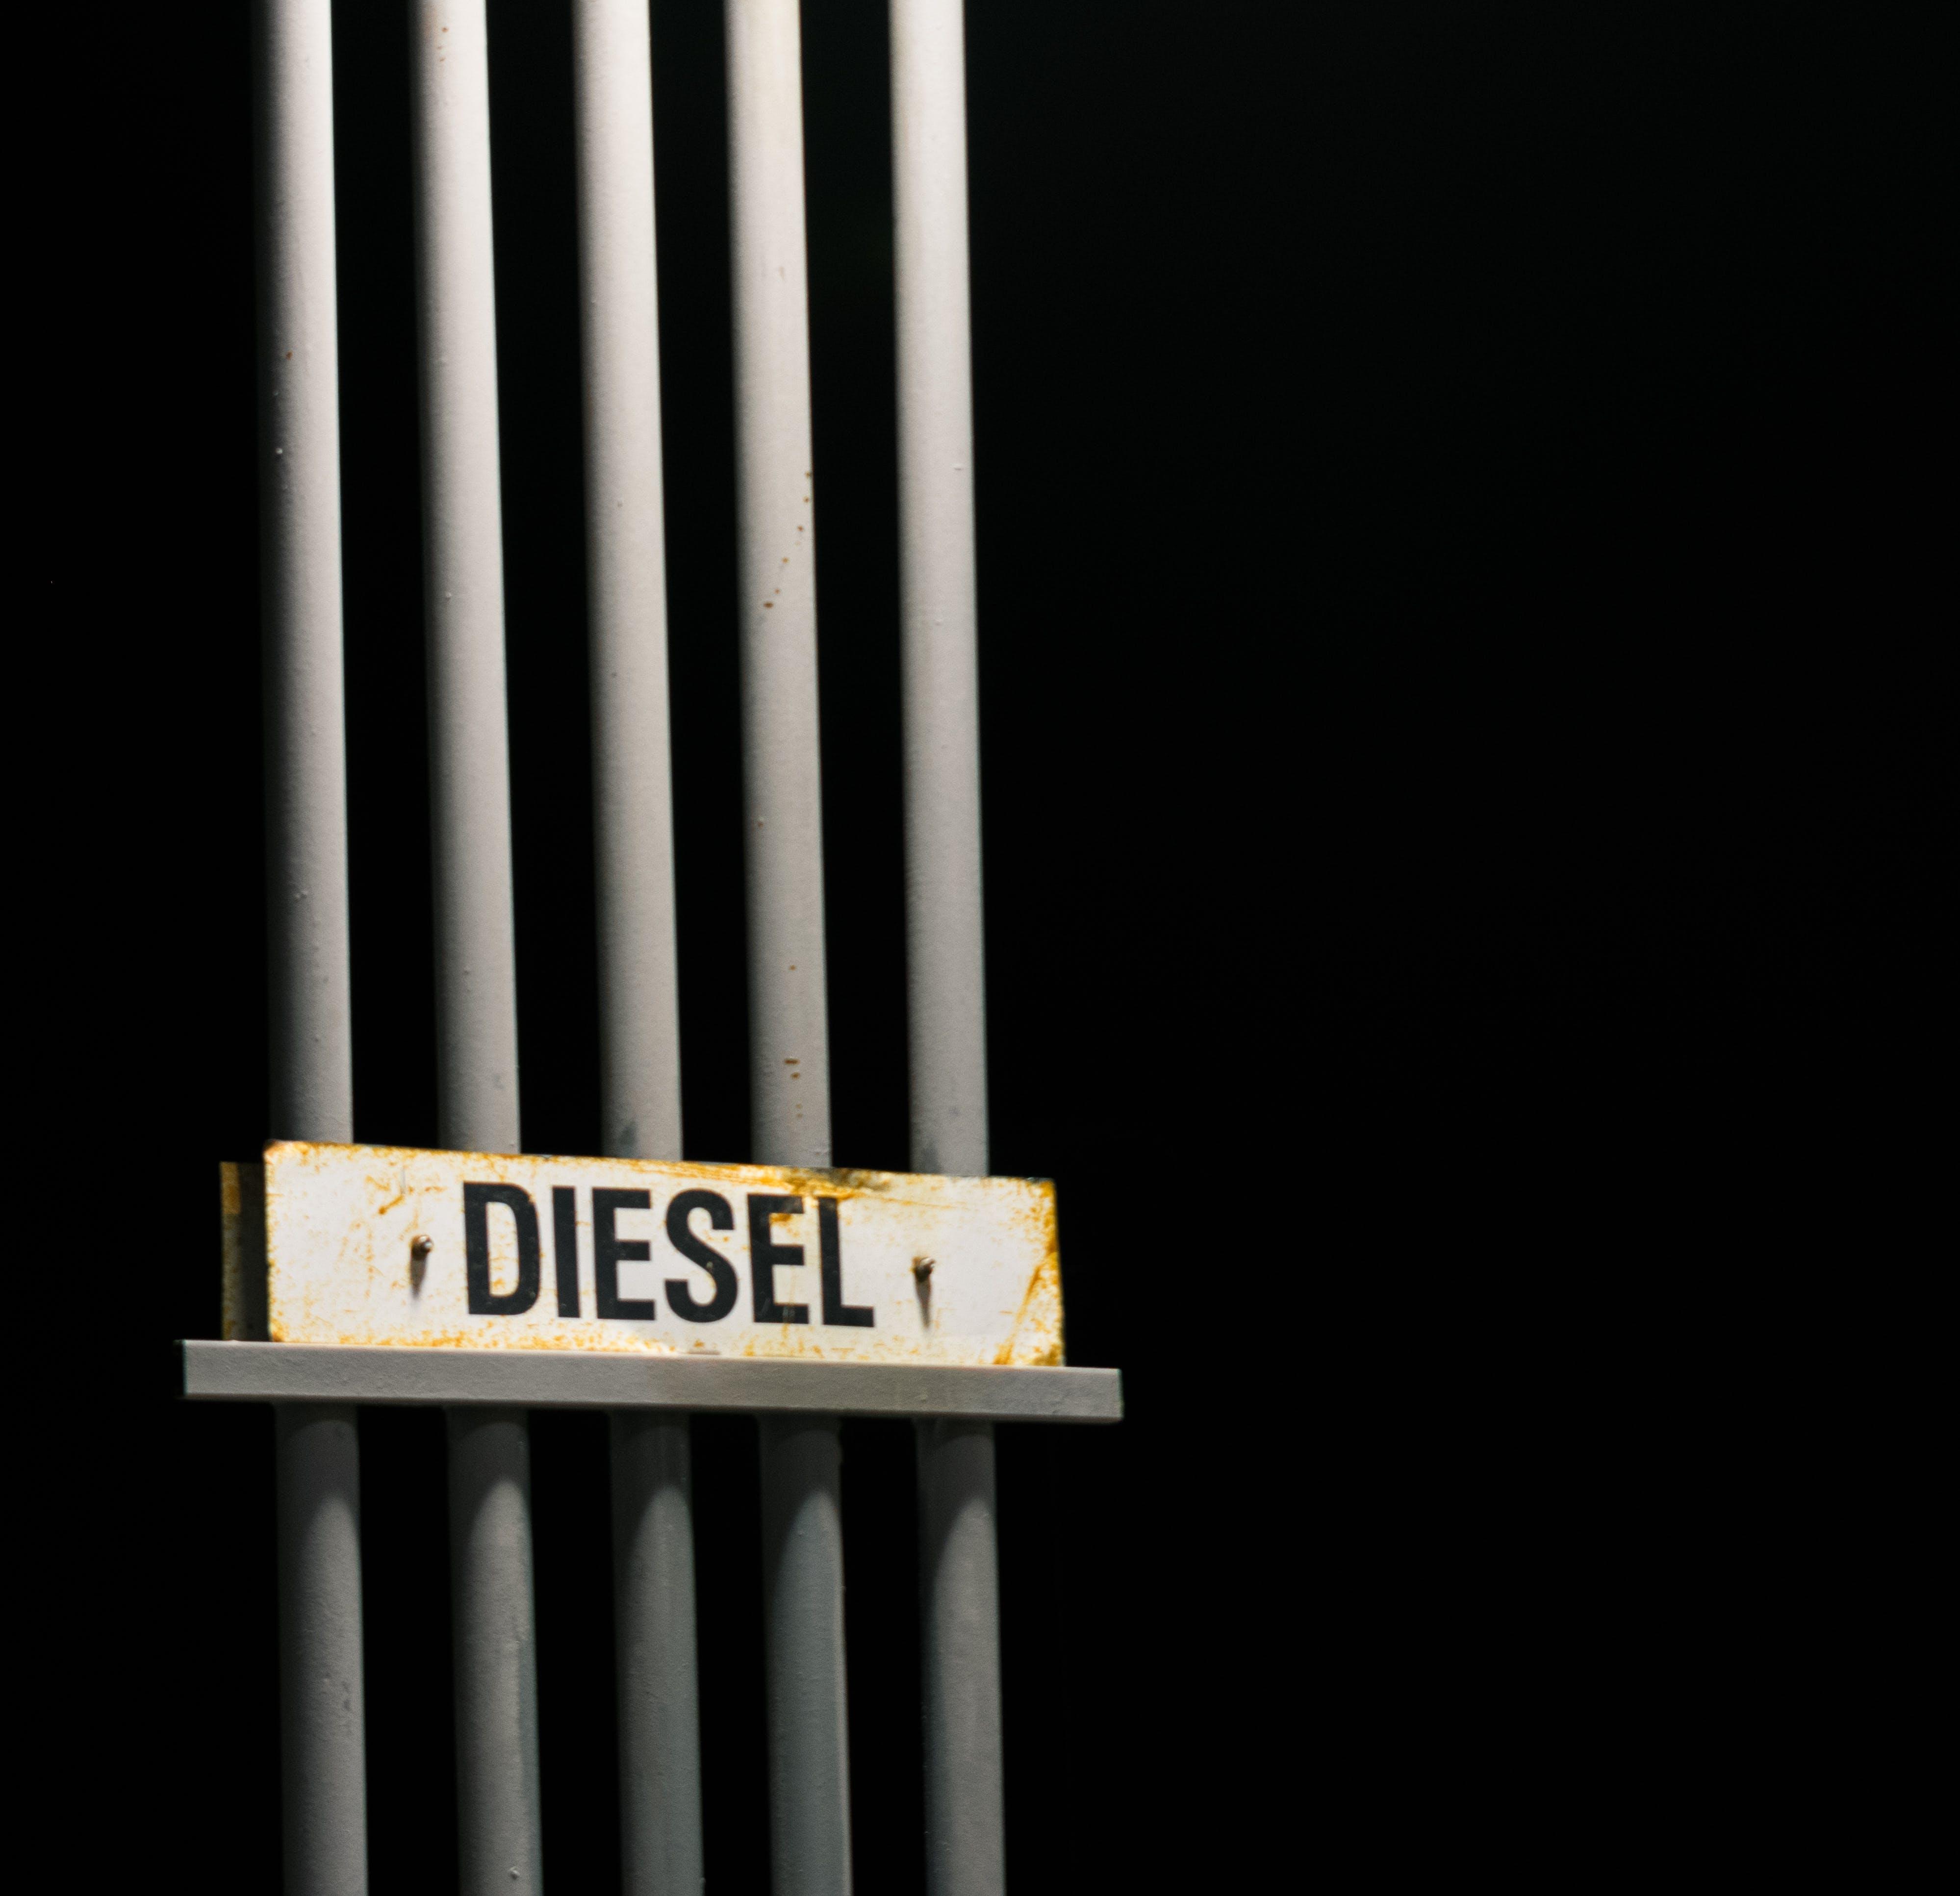 Diesel Signage